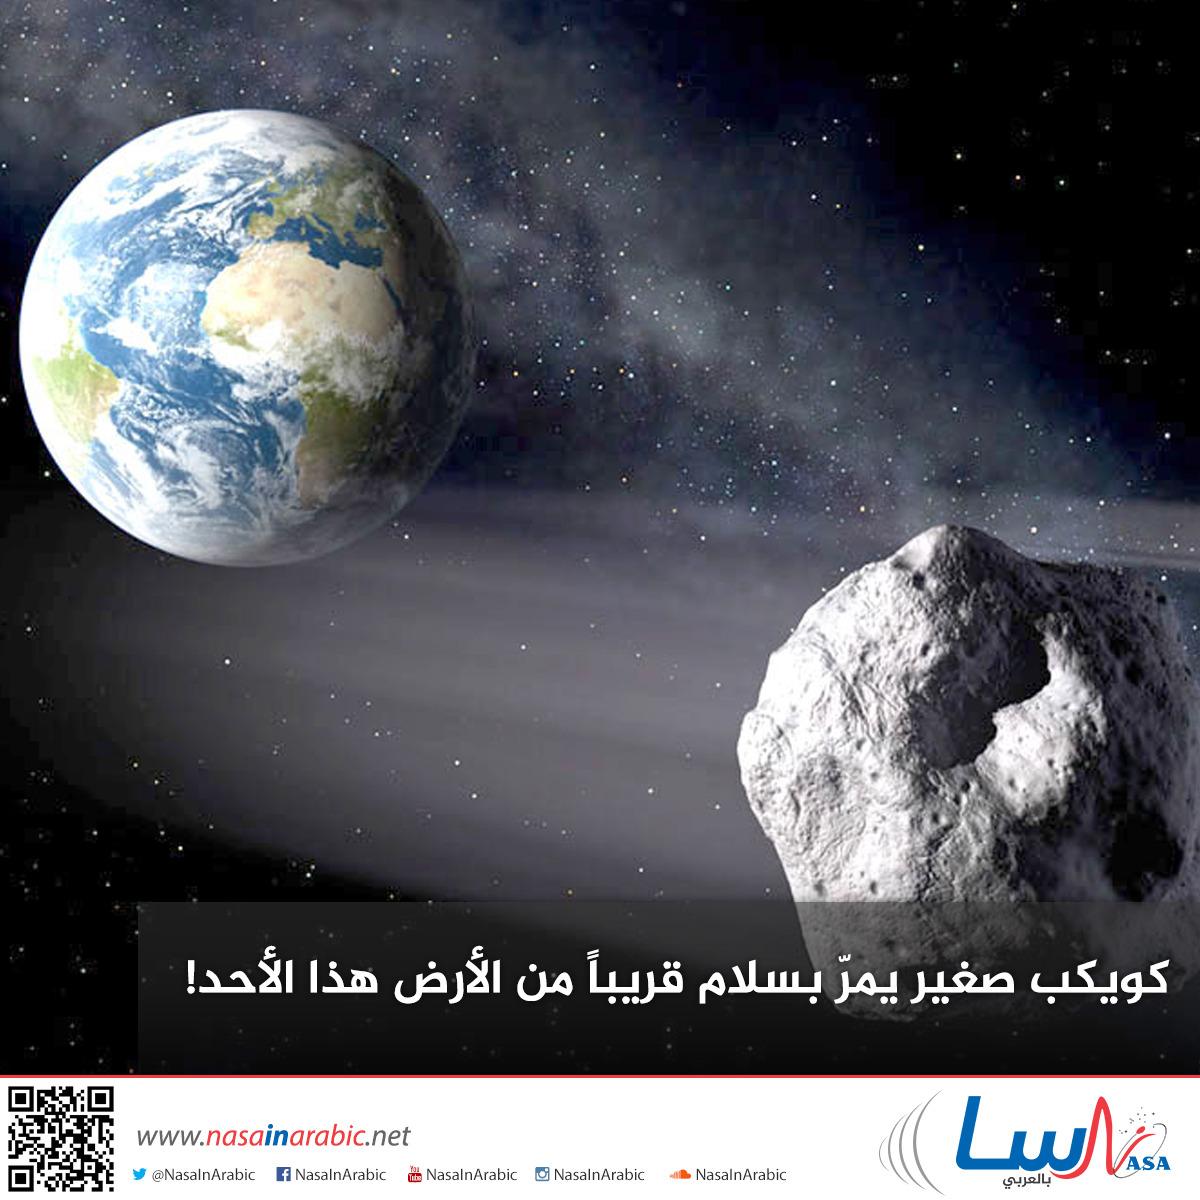 كويكب صغير يمرّ بسلام قريباً من الأرض هذا الأحد!